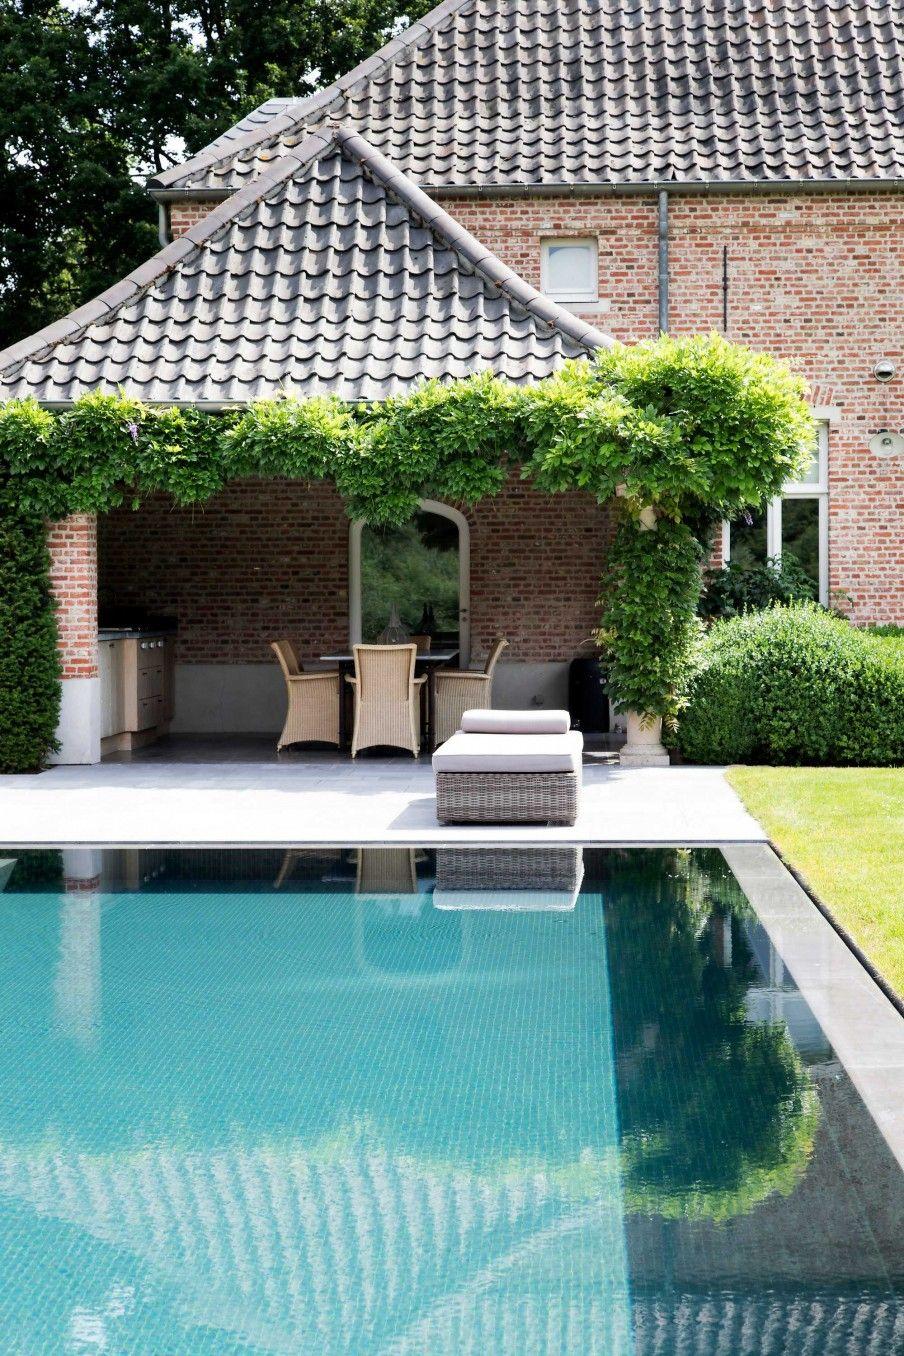 Wundervoll Poolhaus Bauen Referenz Von Pin Von Laura Boettger Auf | Inspiration